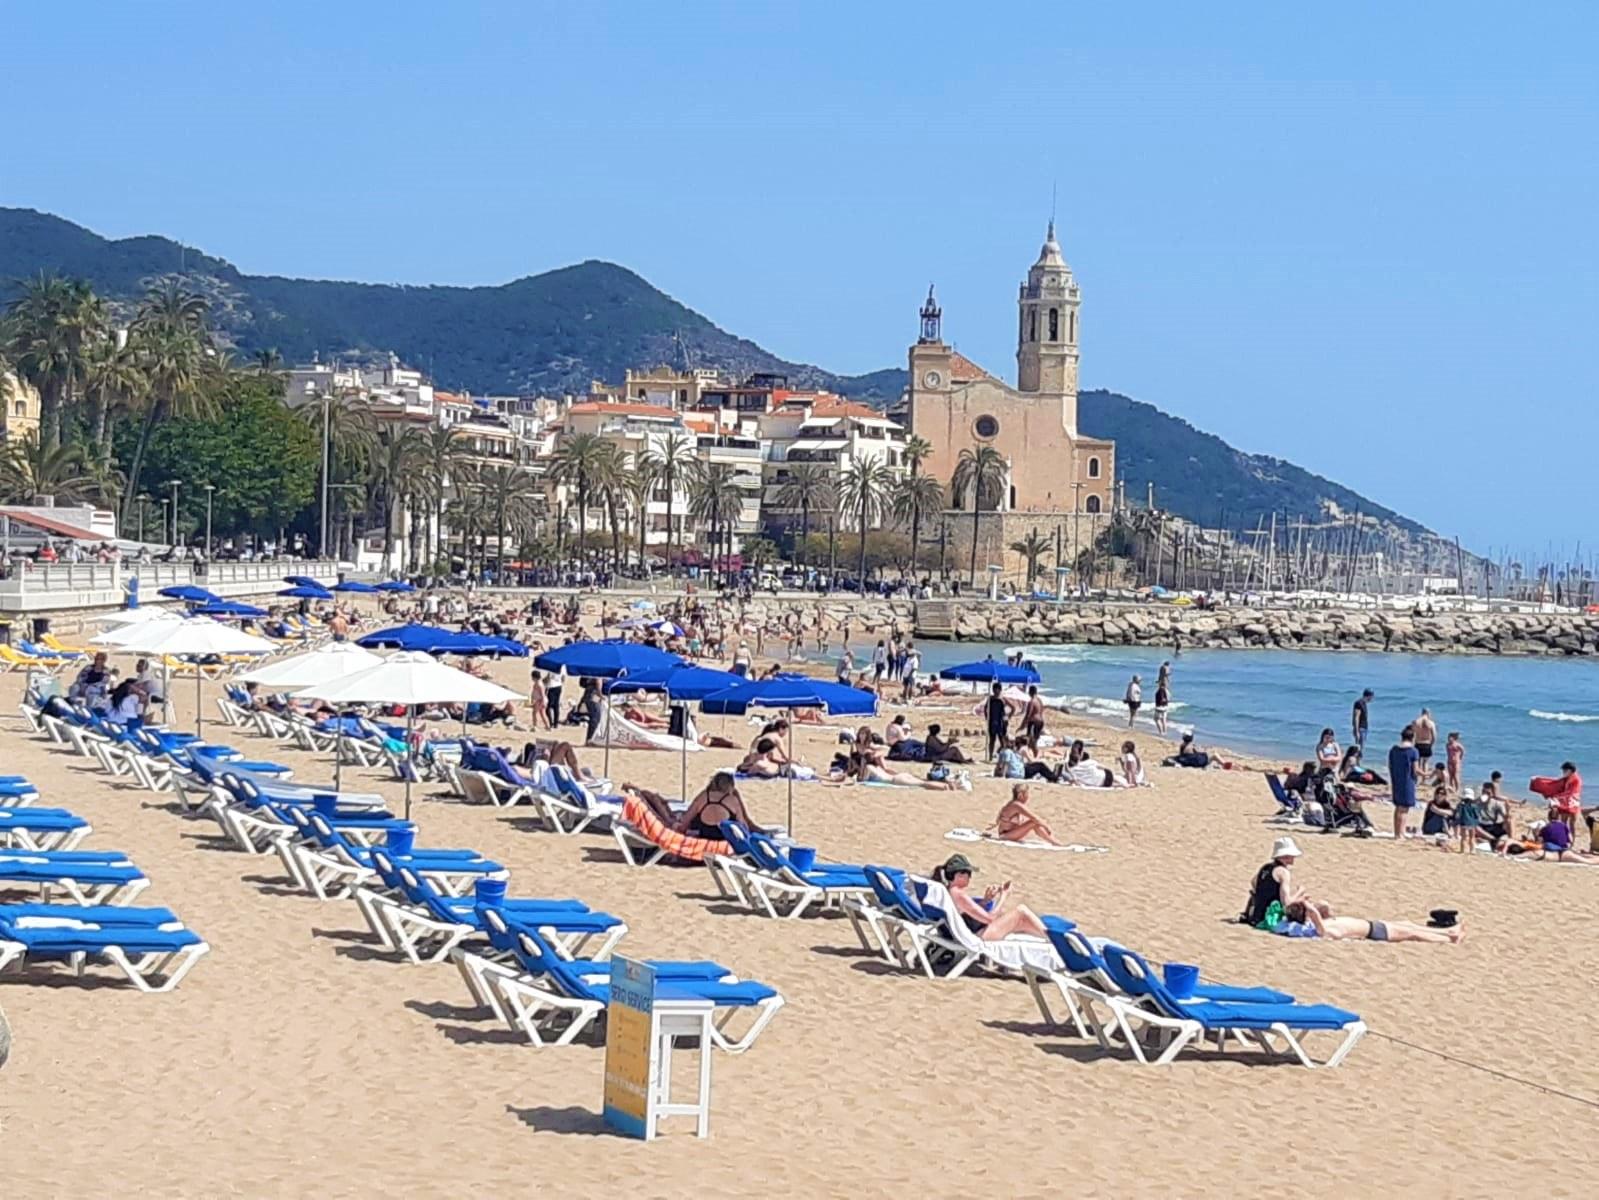 La regidoria de platges inicia avui els treballs d'arranjament a les platges amb mancança de sorra